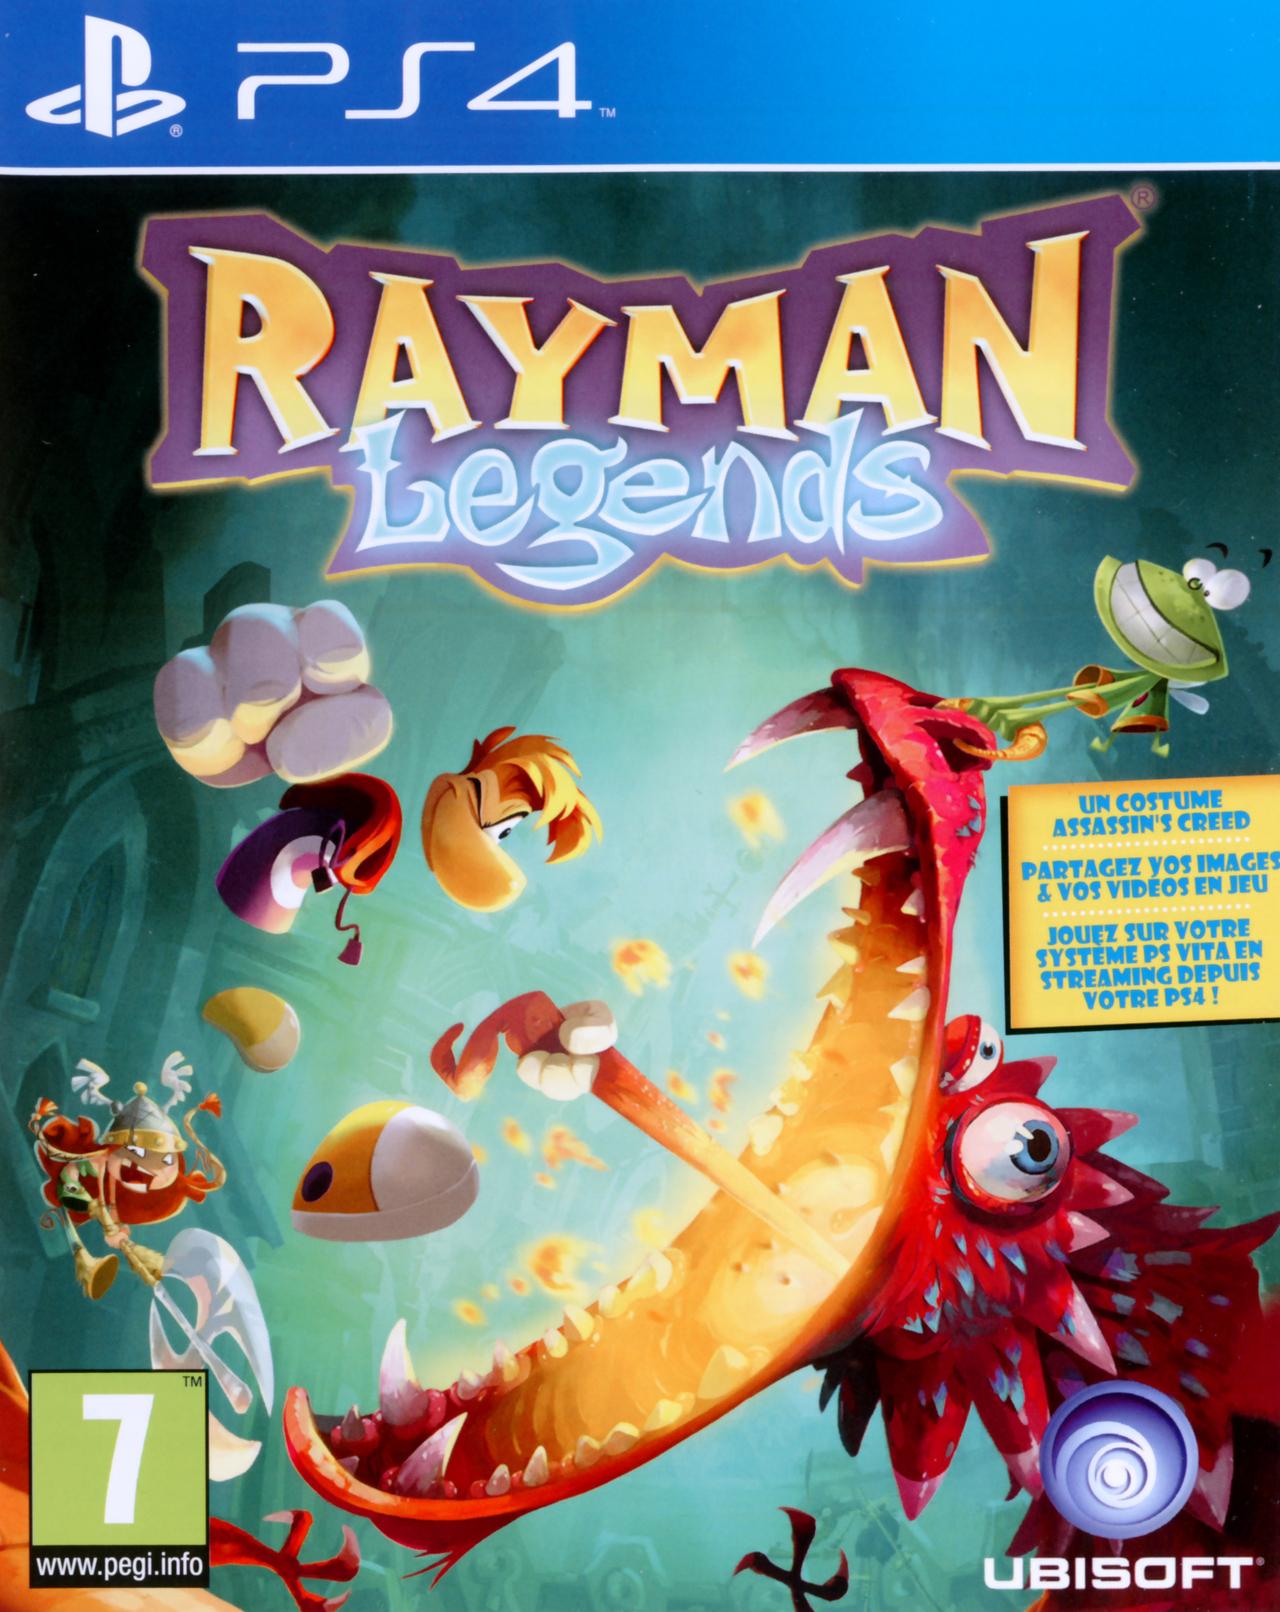 jaquette du jeu vidéo Rayman Legends